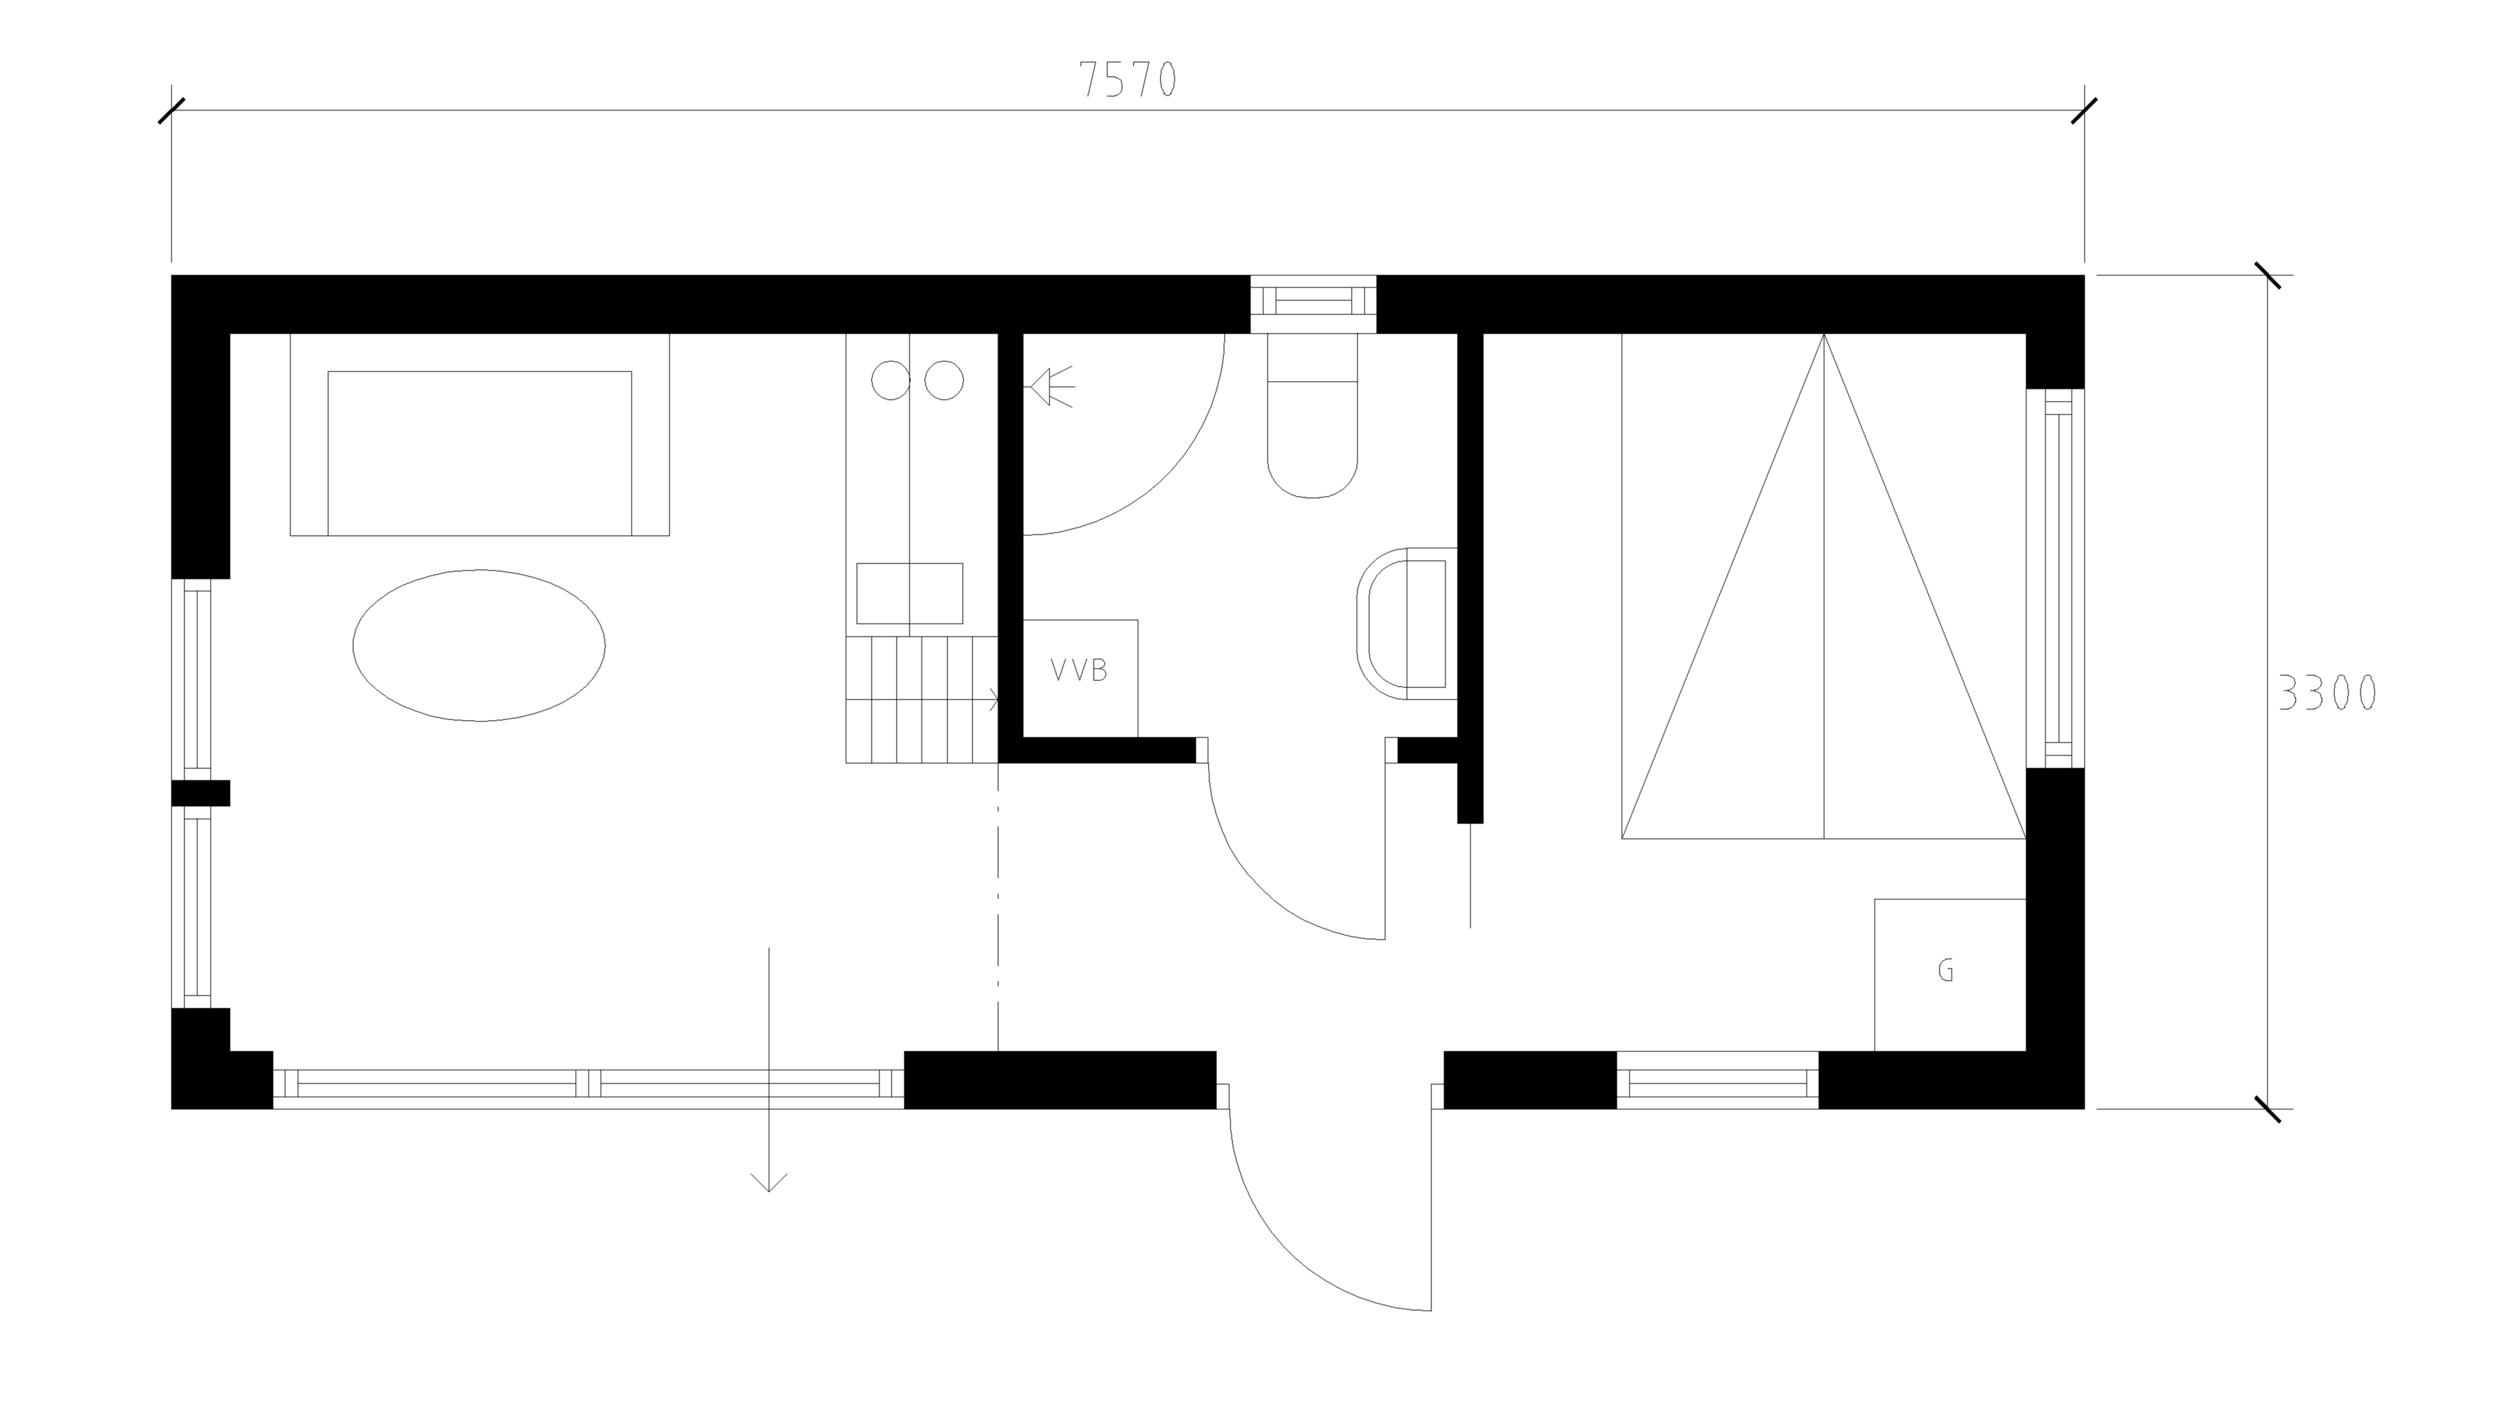 easy-house-attefallshus-åhus-25-med-loft-sovrum-badrum-allrum